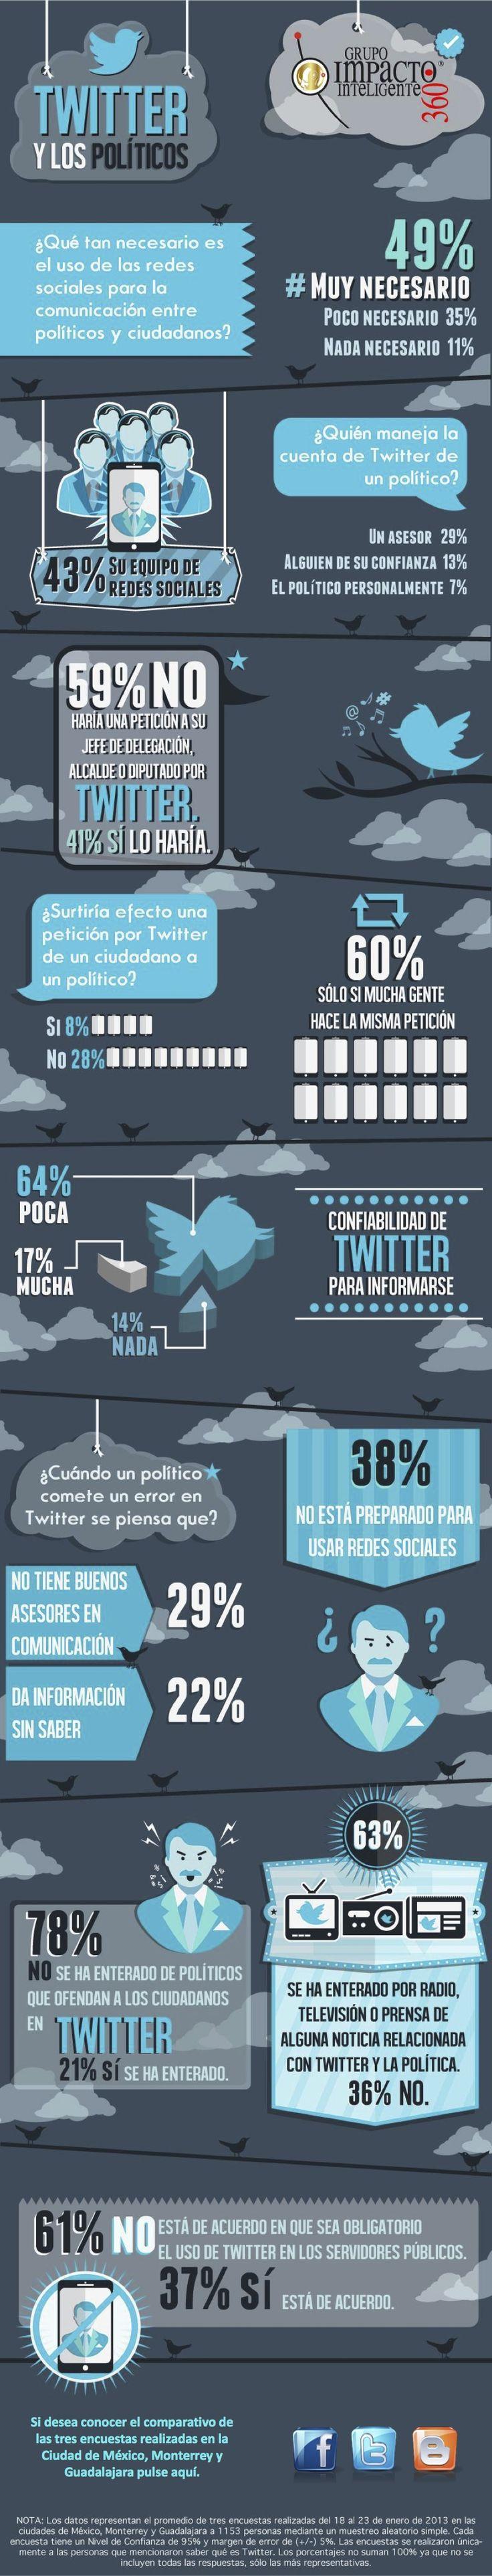 Twitter y los políticos (México) #infografia